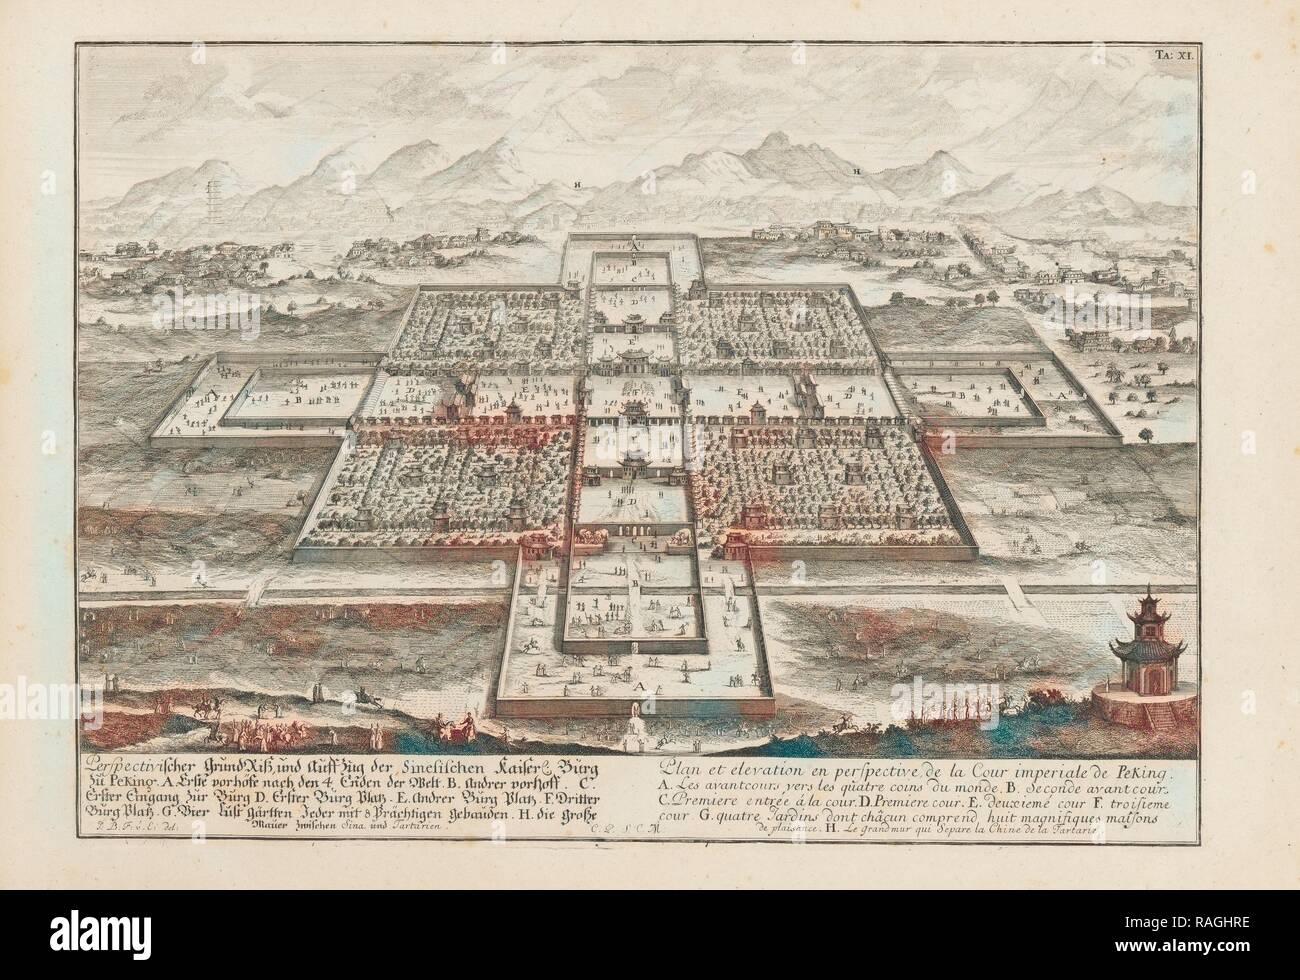 Grundriss und der Perspectivischer Auffzug Sinesichen Kaiser, Flechten, Burg zu Peking, Entwurff einer historischen Neuerfundene Stockbild